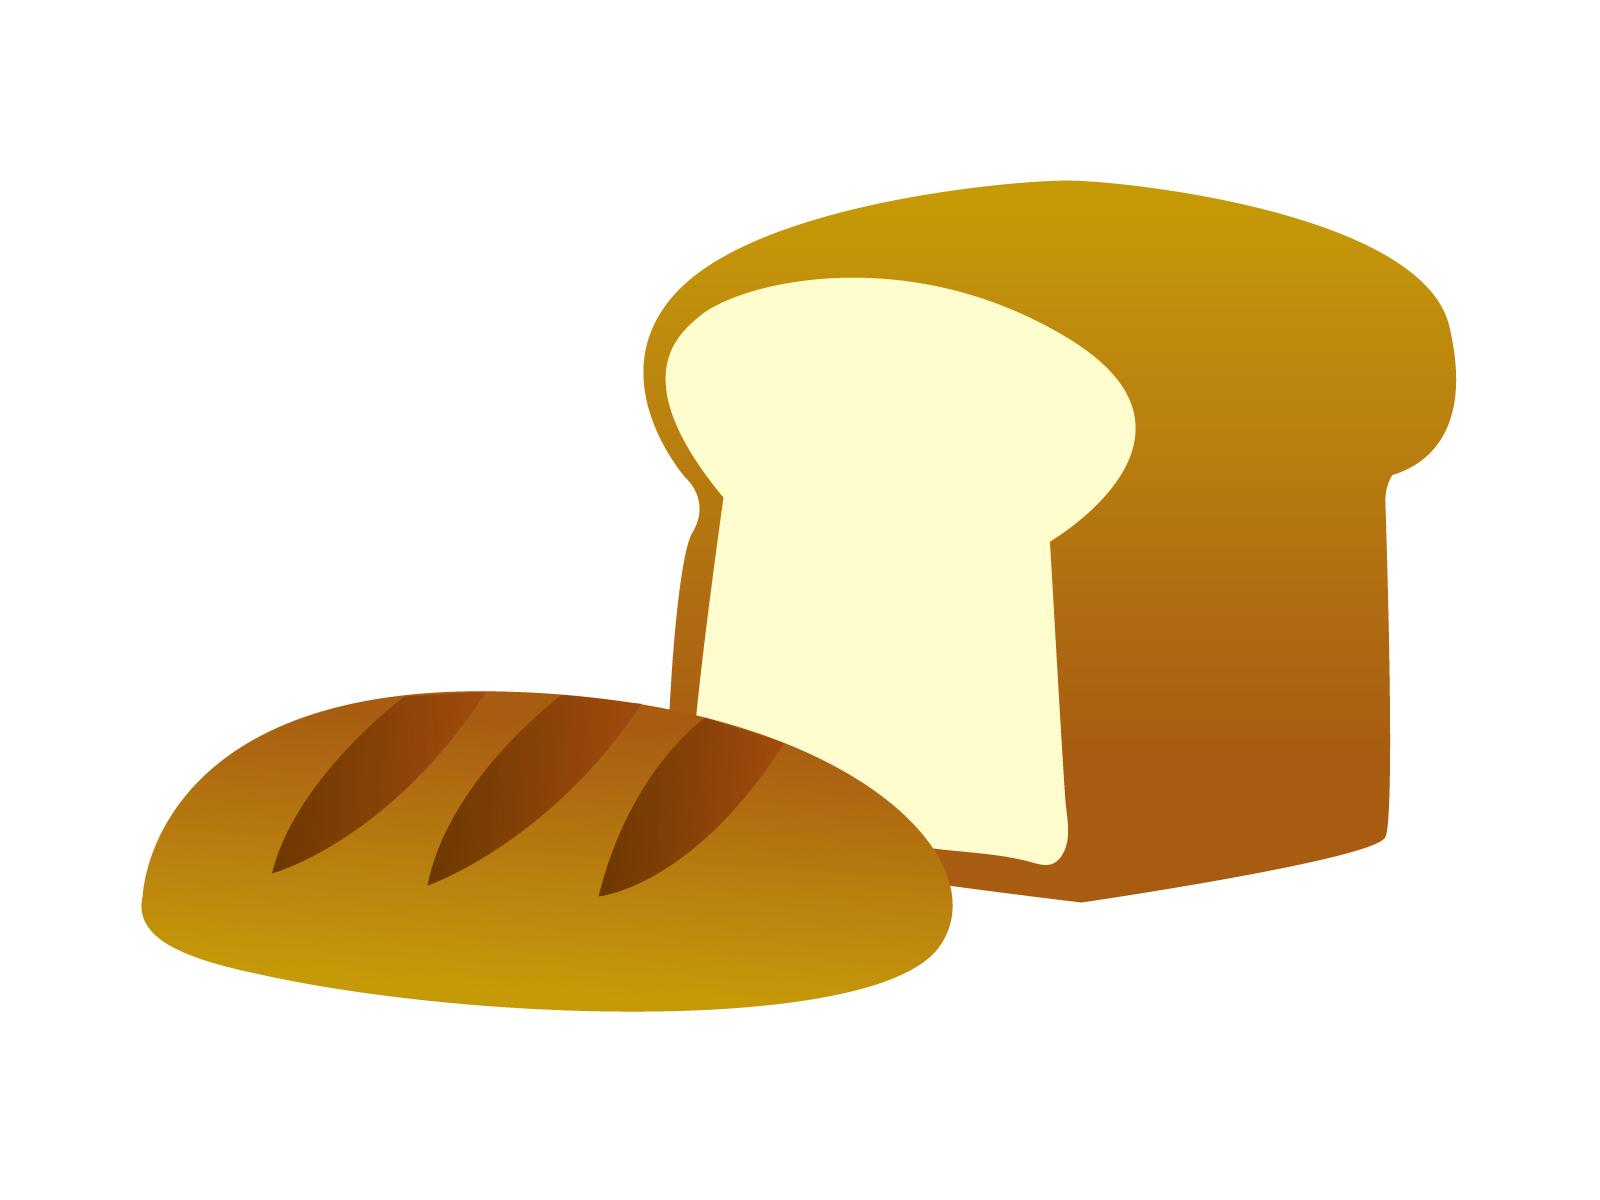 Pasco(敷島製パン)のパン123種類の糖質を比べてみた